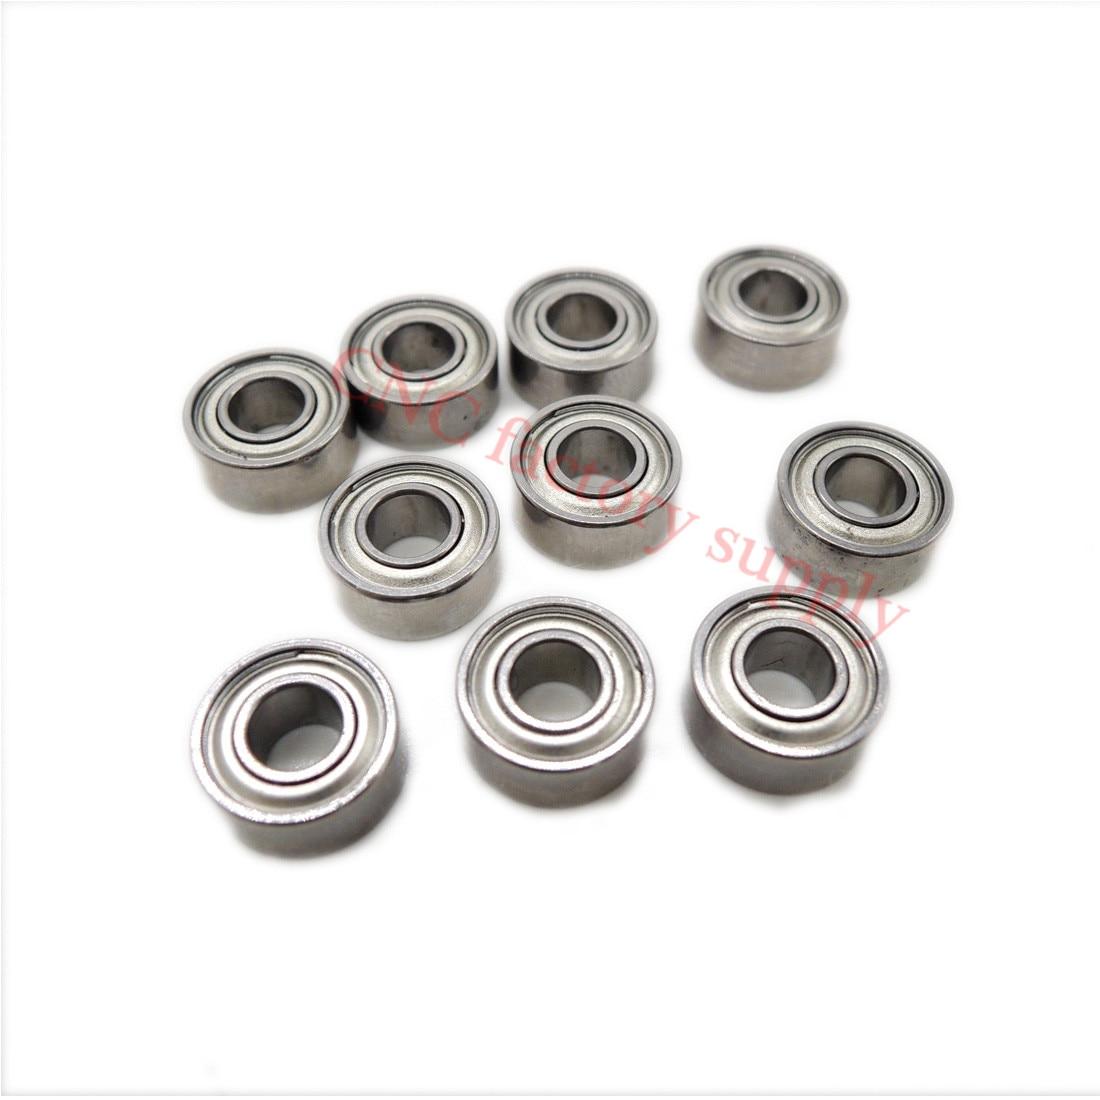 10pcs/lot Free Shipping MR84ZZ 4X8X3mm Miniature Deep Groove Ball Bearings MR84 L-840ZZ